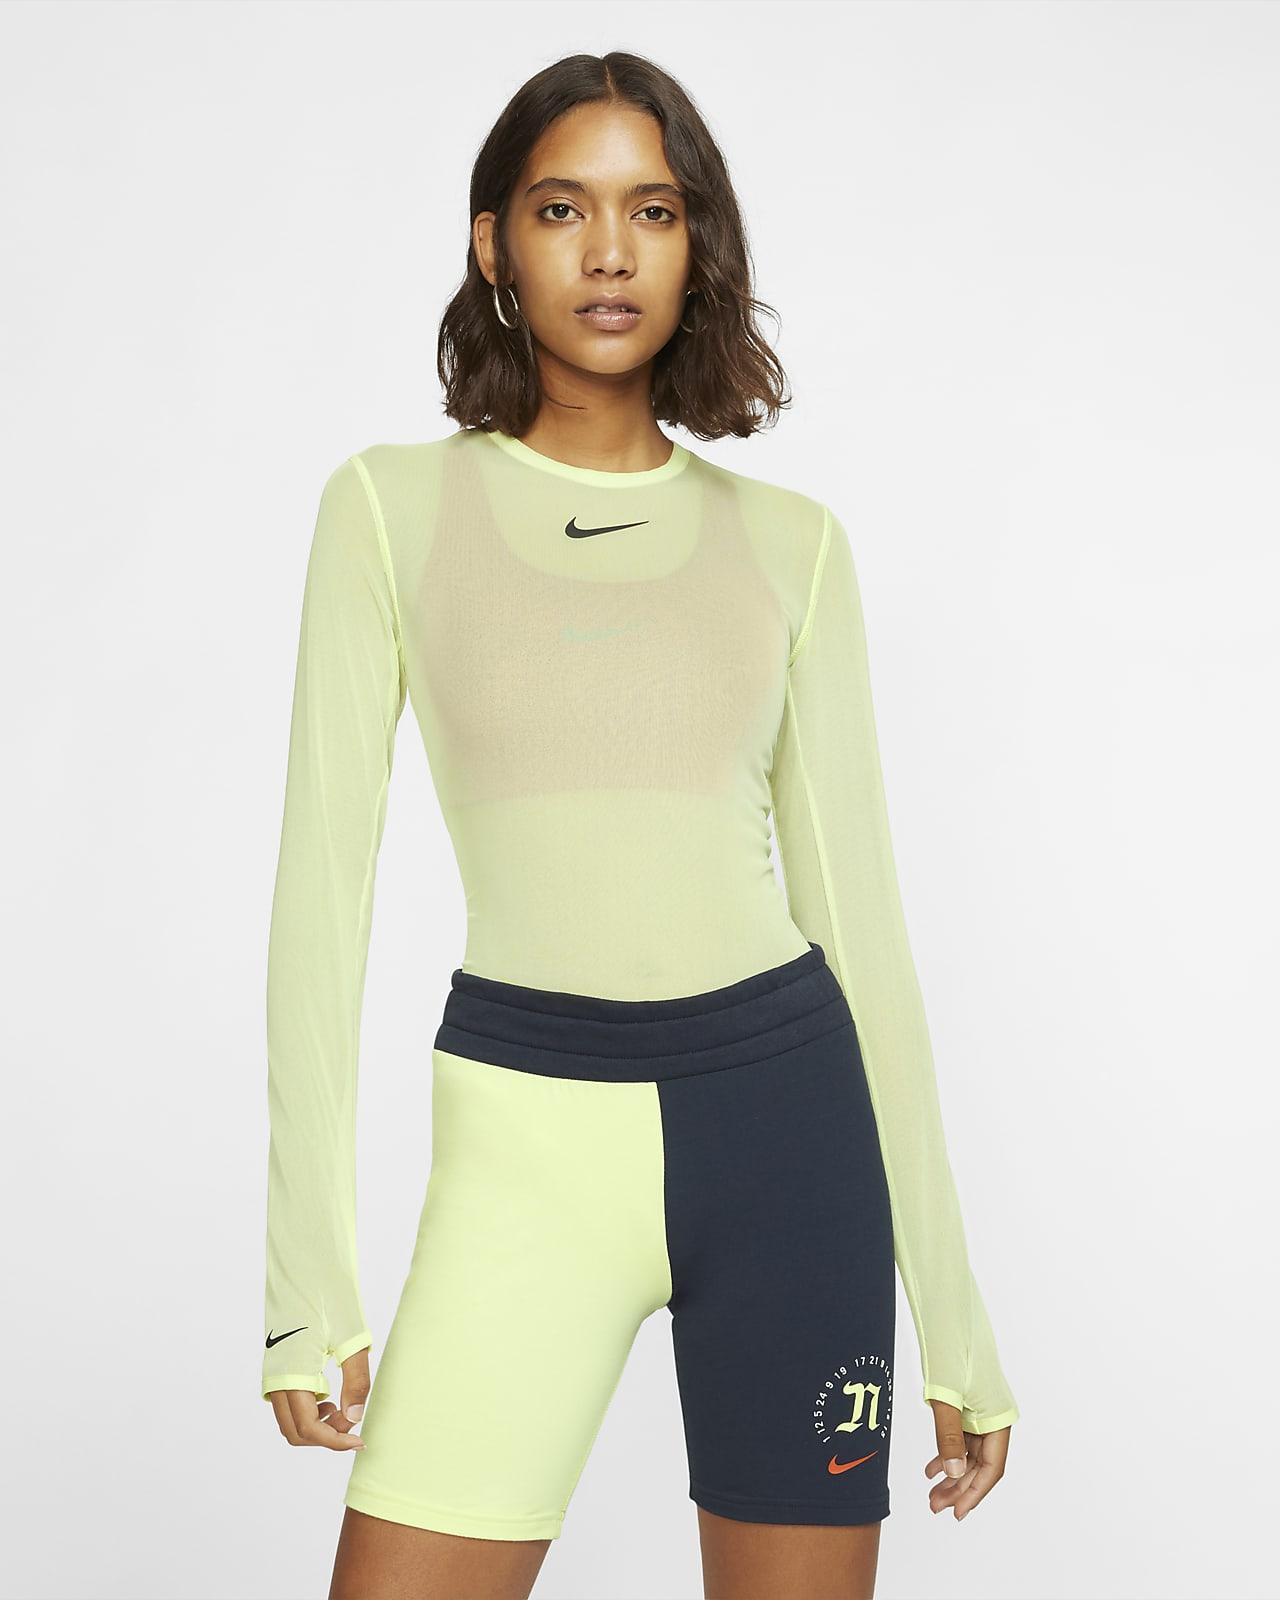 Nike Sportswear City Ready Kadın Tulumu